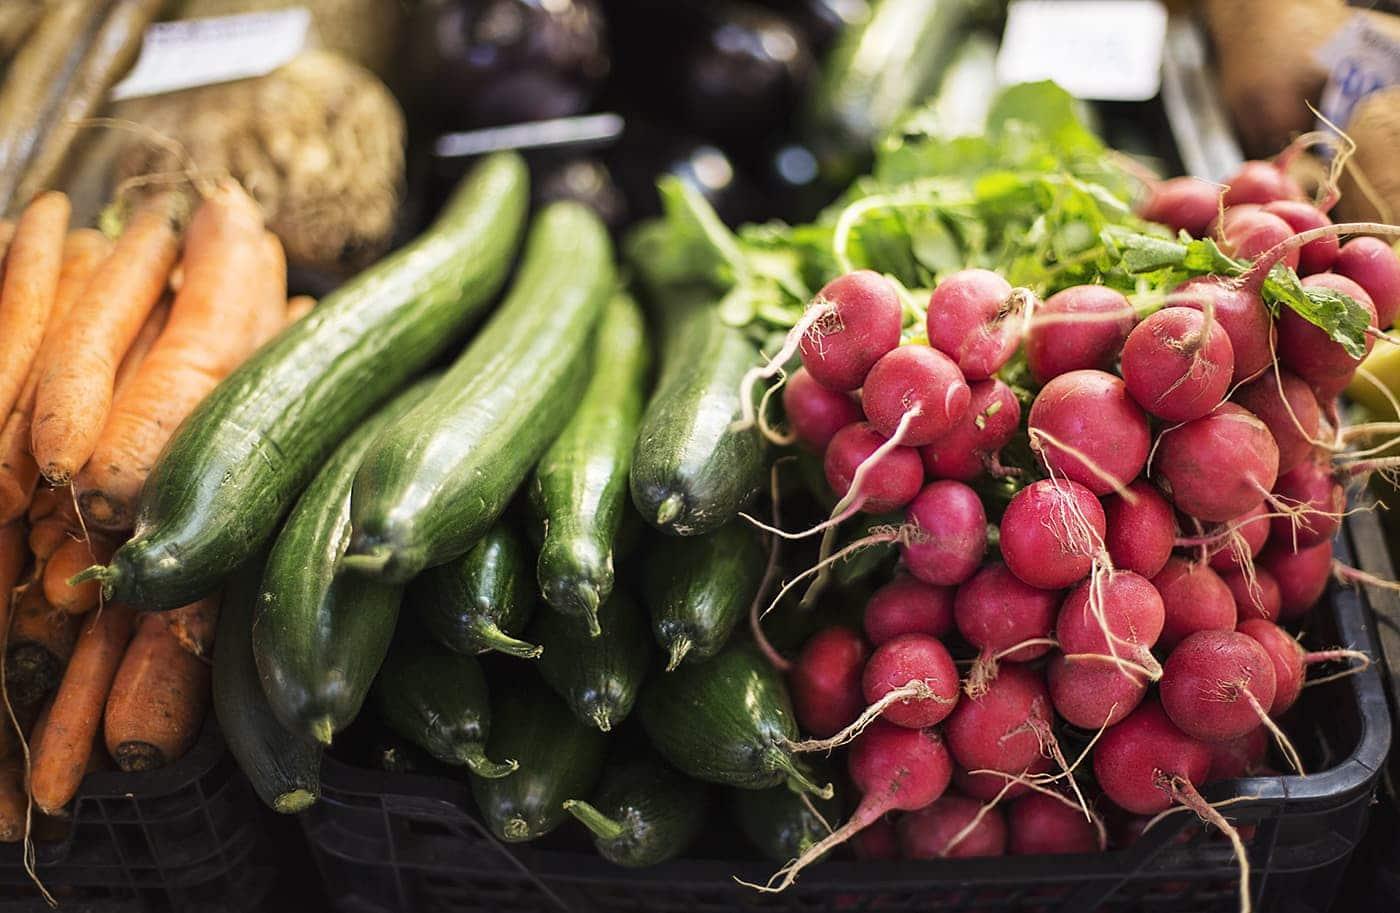 central market veg budapest   the lovely drawer